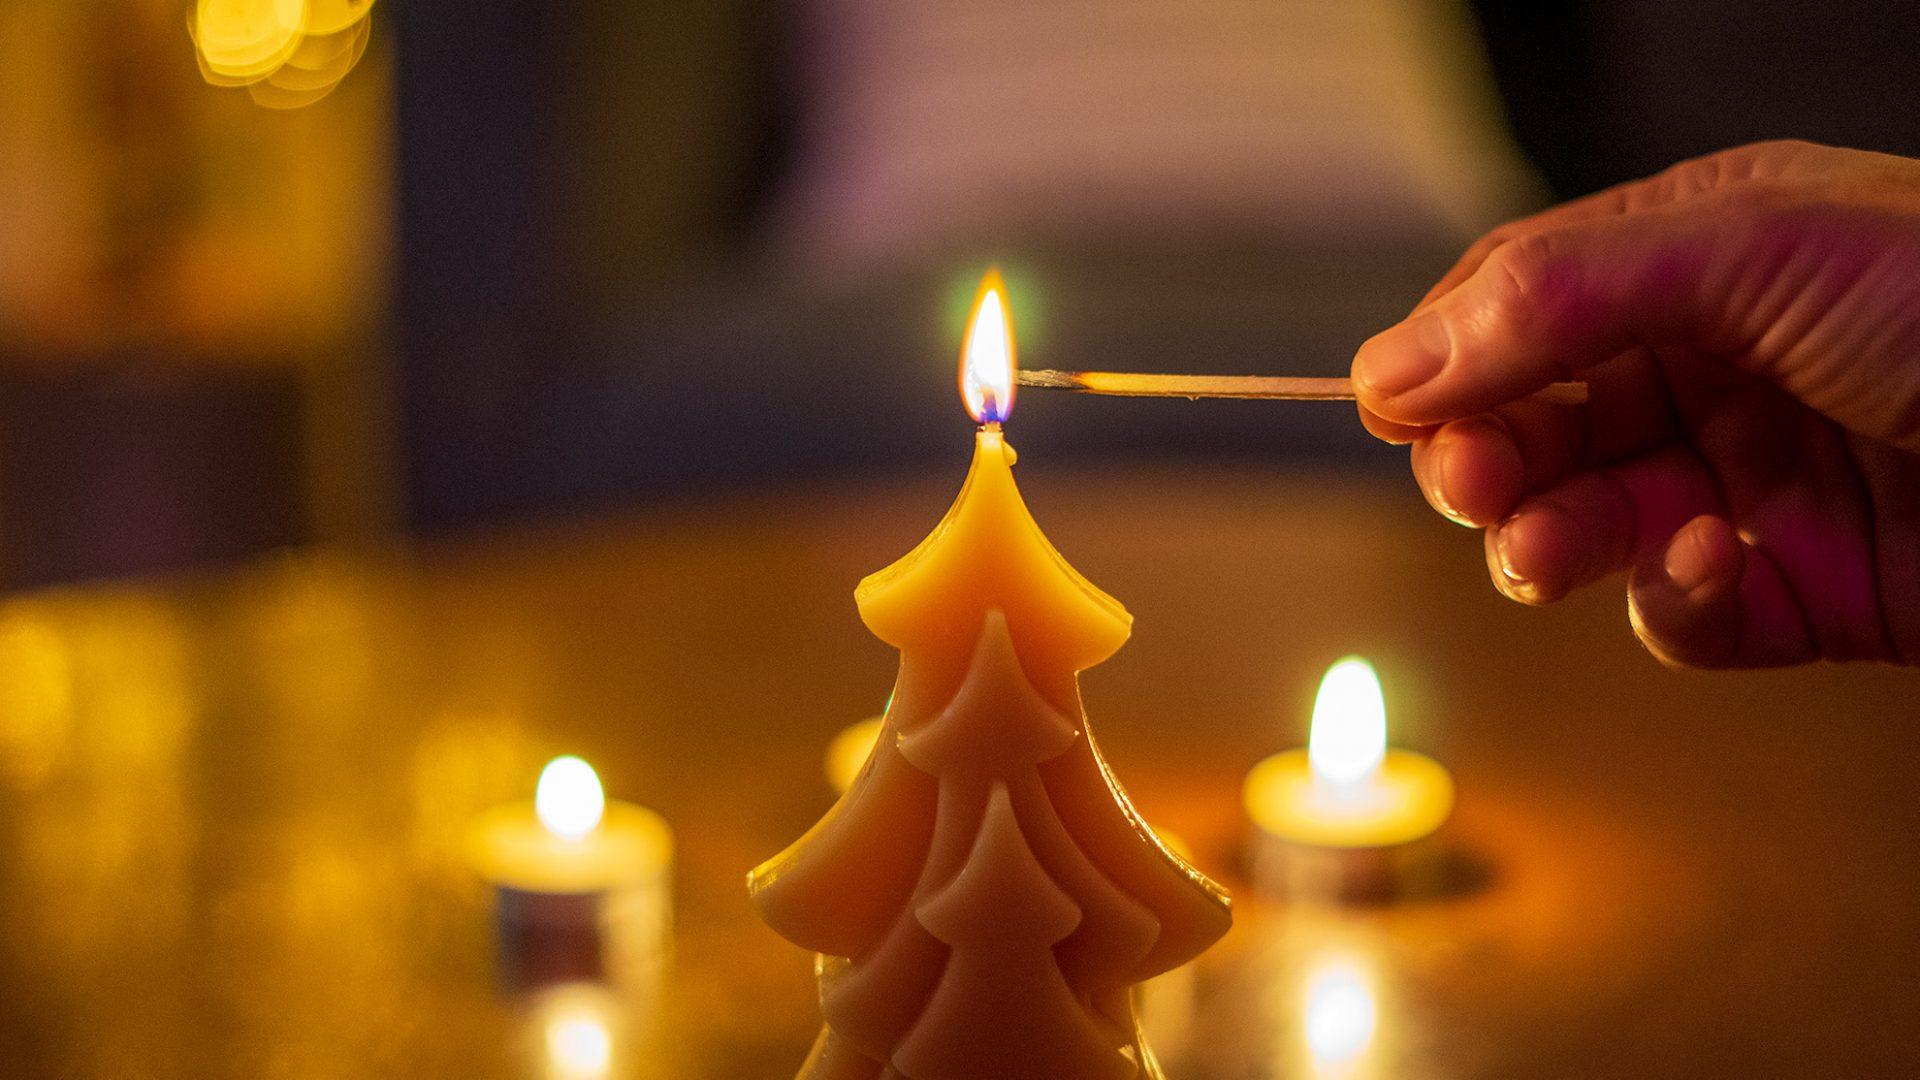 Lichtpuntjes in de dagen voor Kerst 🎄